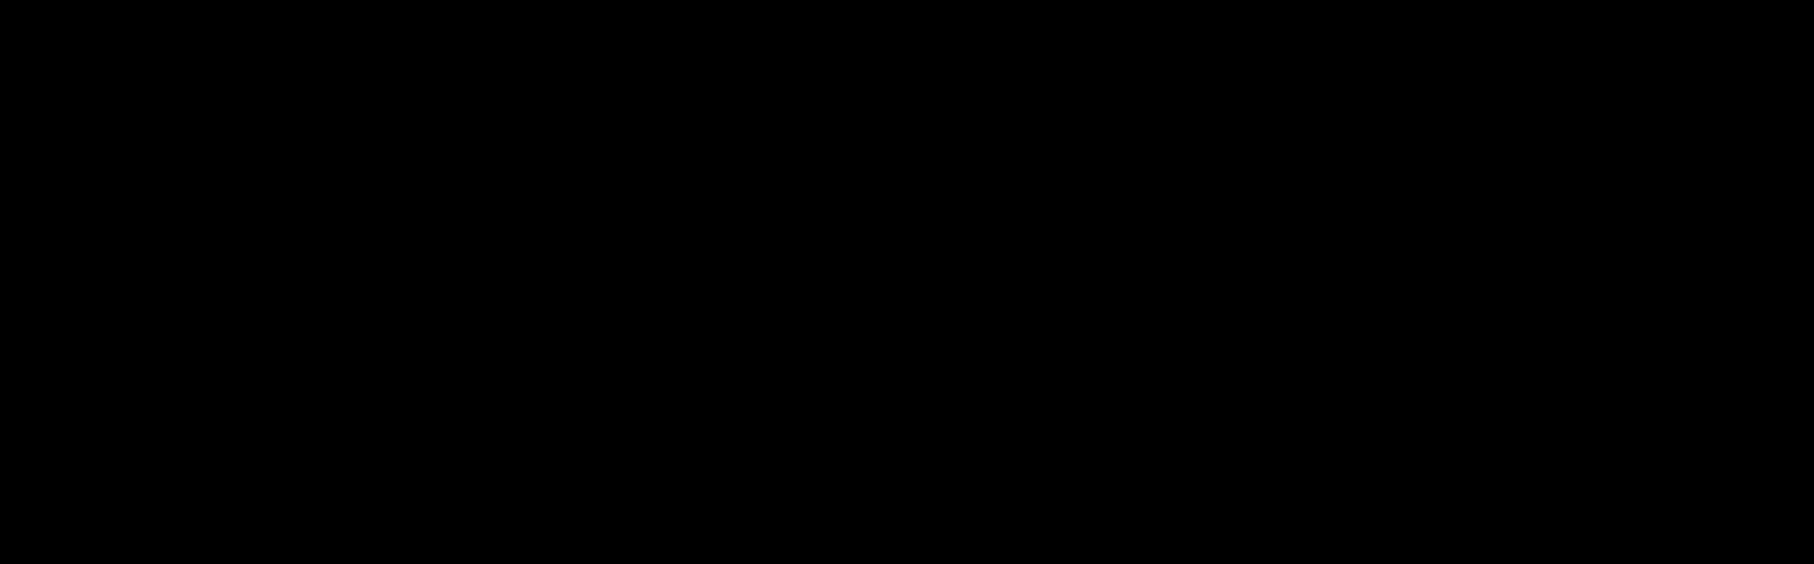 Raspberry ketone-d<sub>5</sub> glucoside